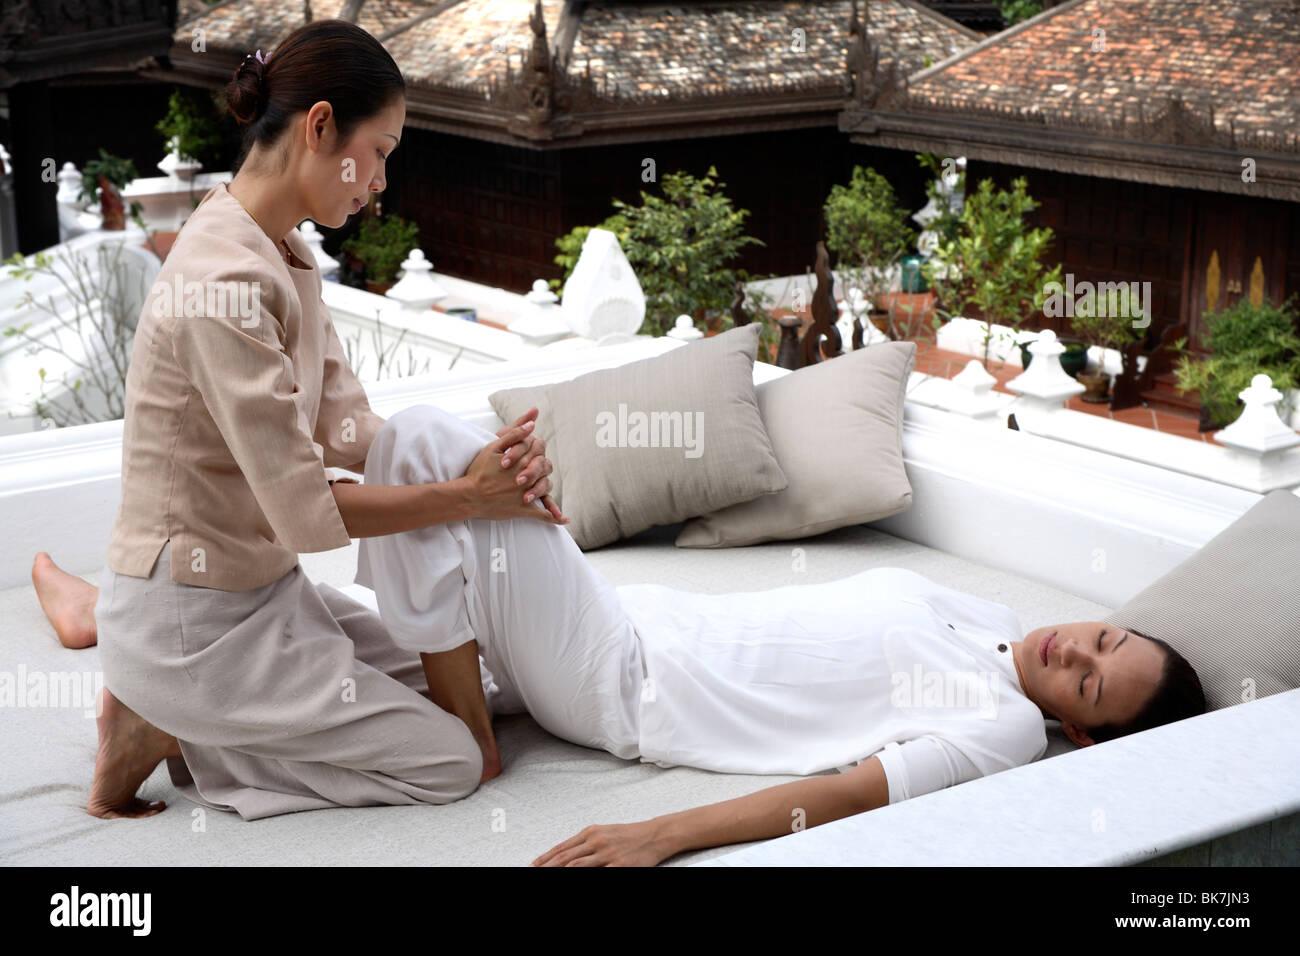 Massaggio tailandese al Dheva Spa presso il Mandarin Oriental Dhara Dhevi, Chiang Mai, Thailandia, Sud-est asiatico, Immagini Stock